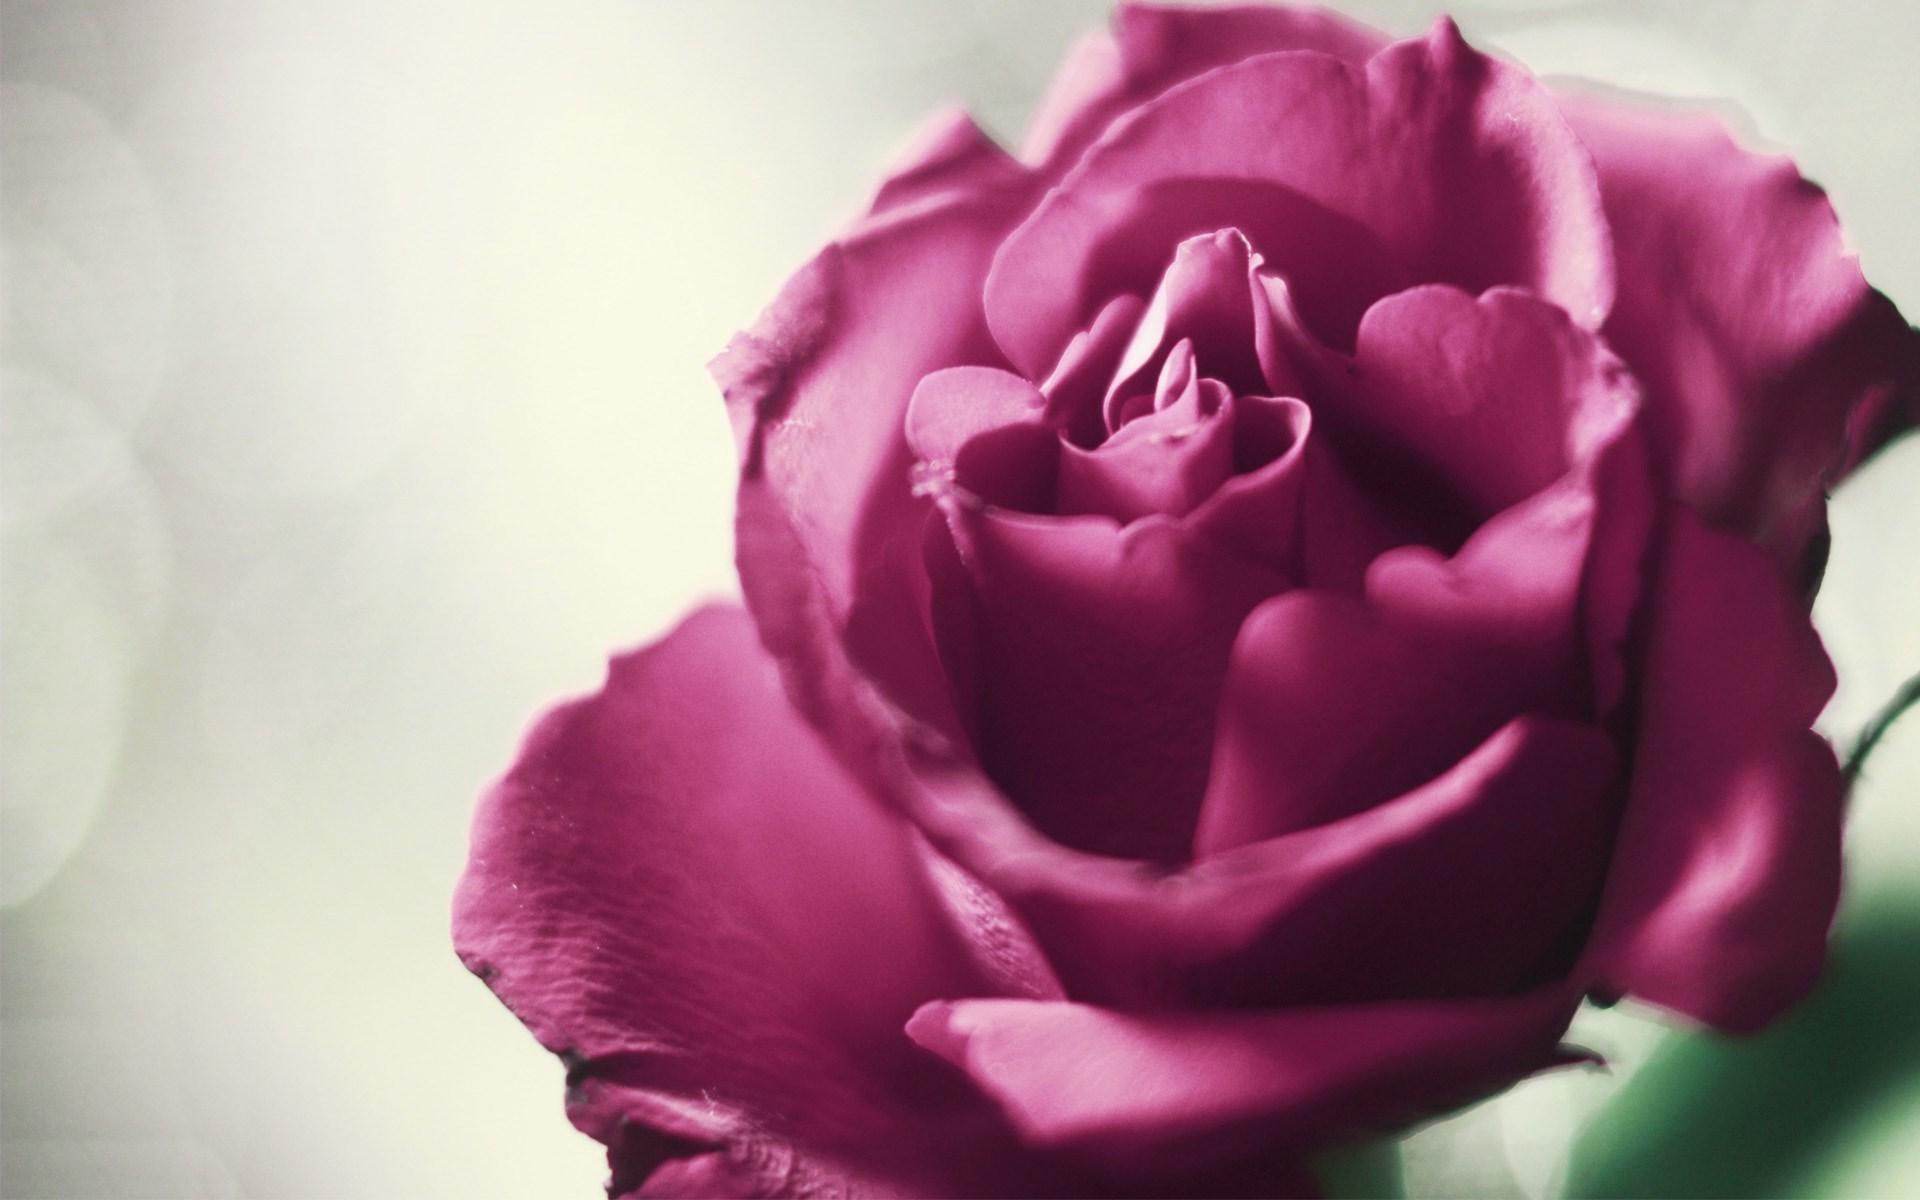 pink roses wallpaper hd